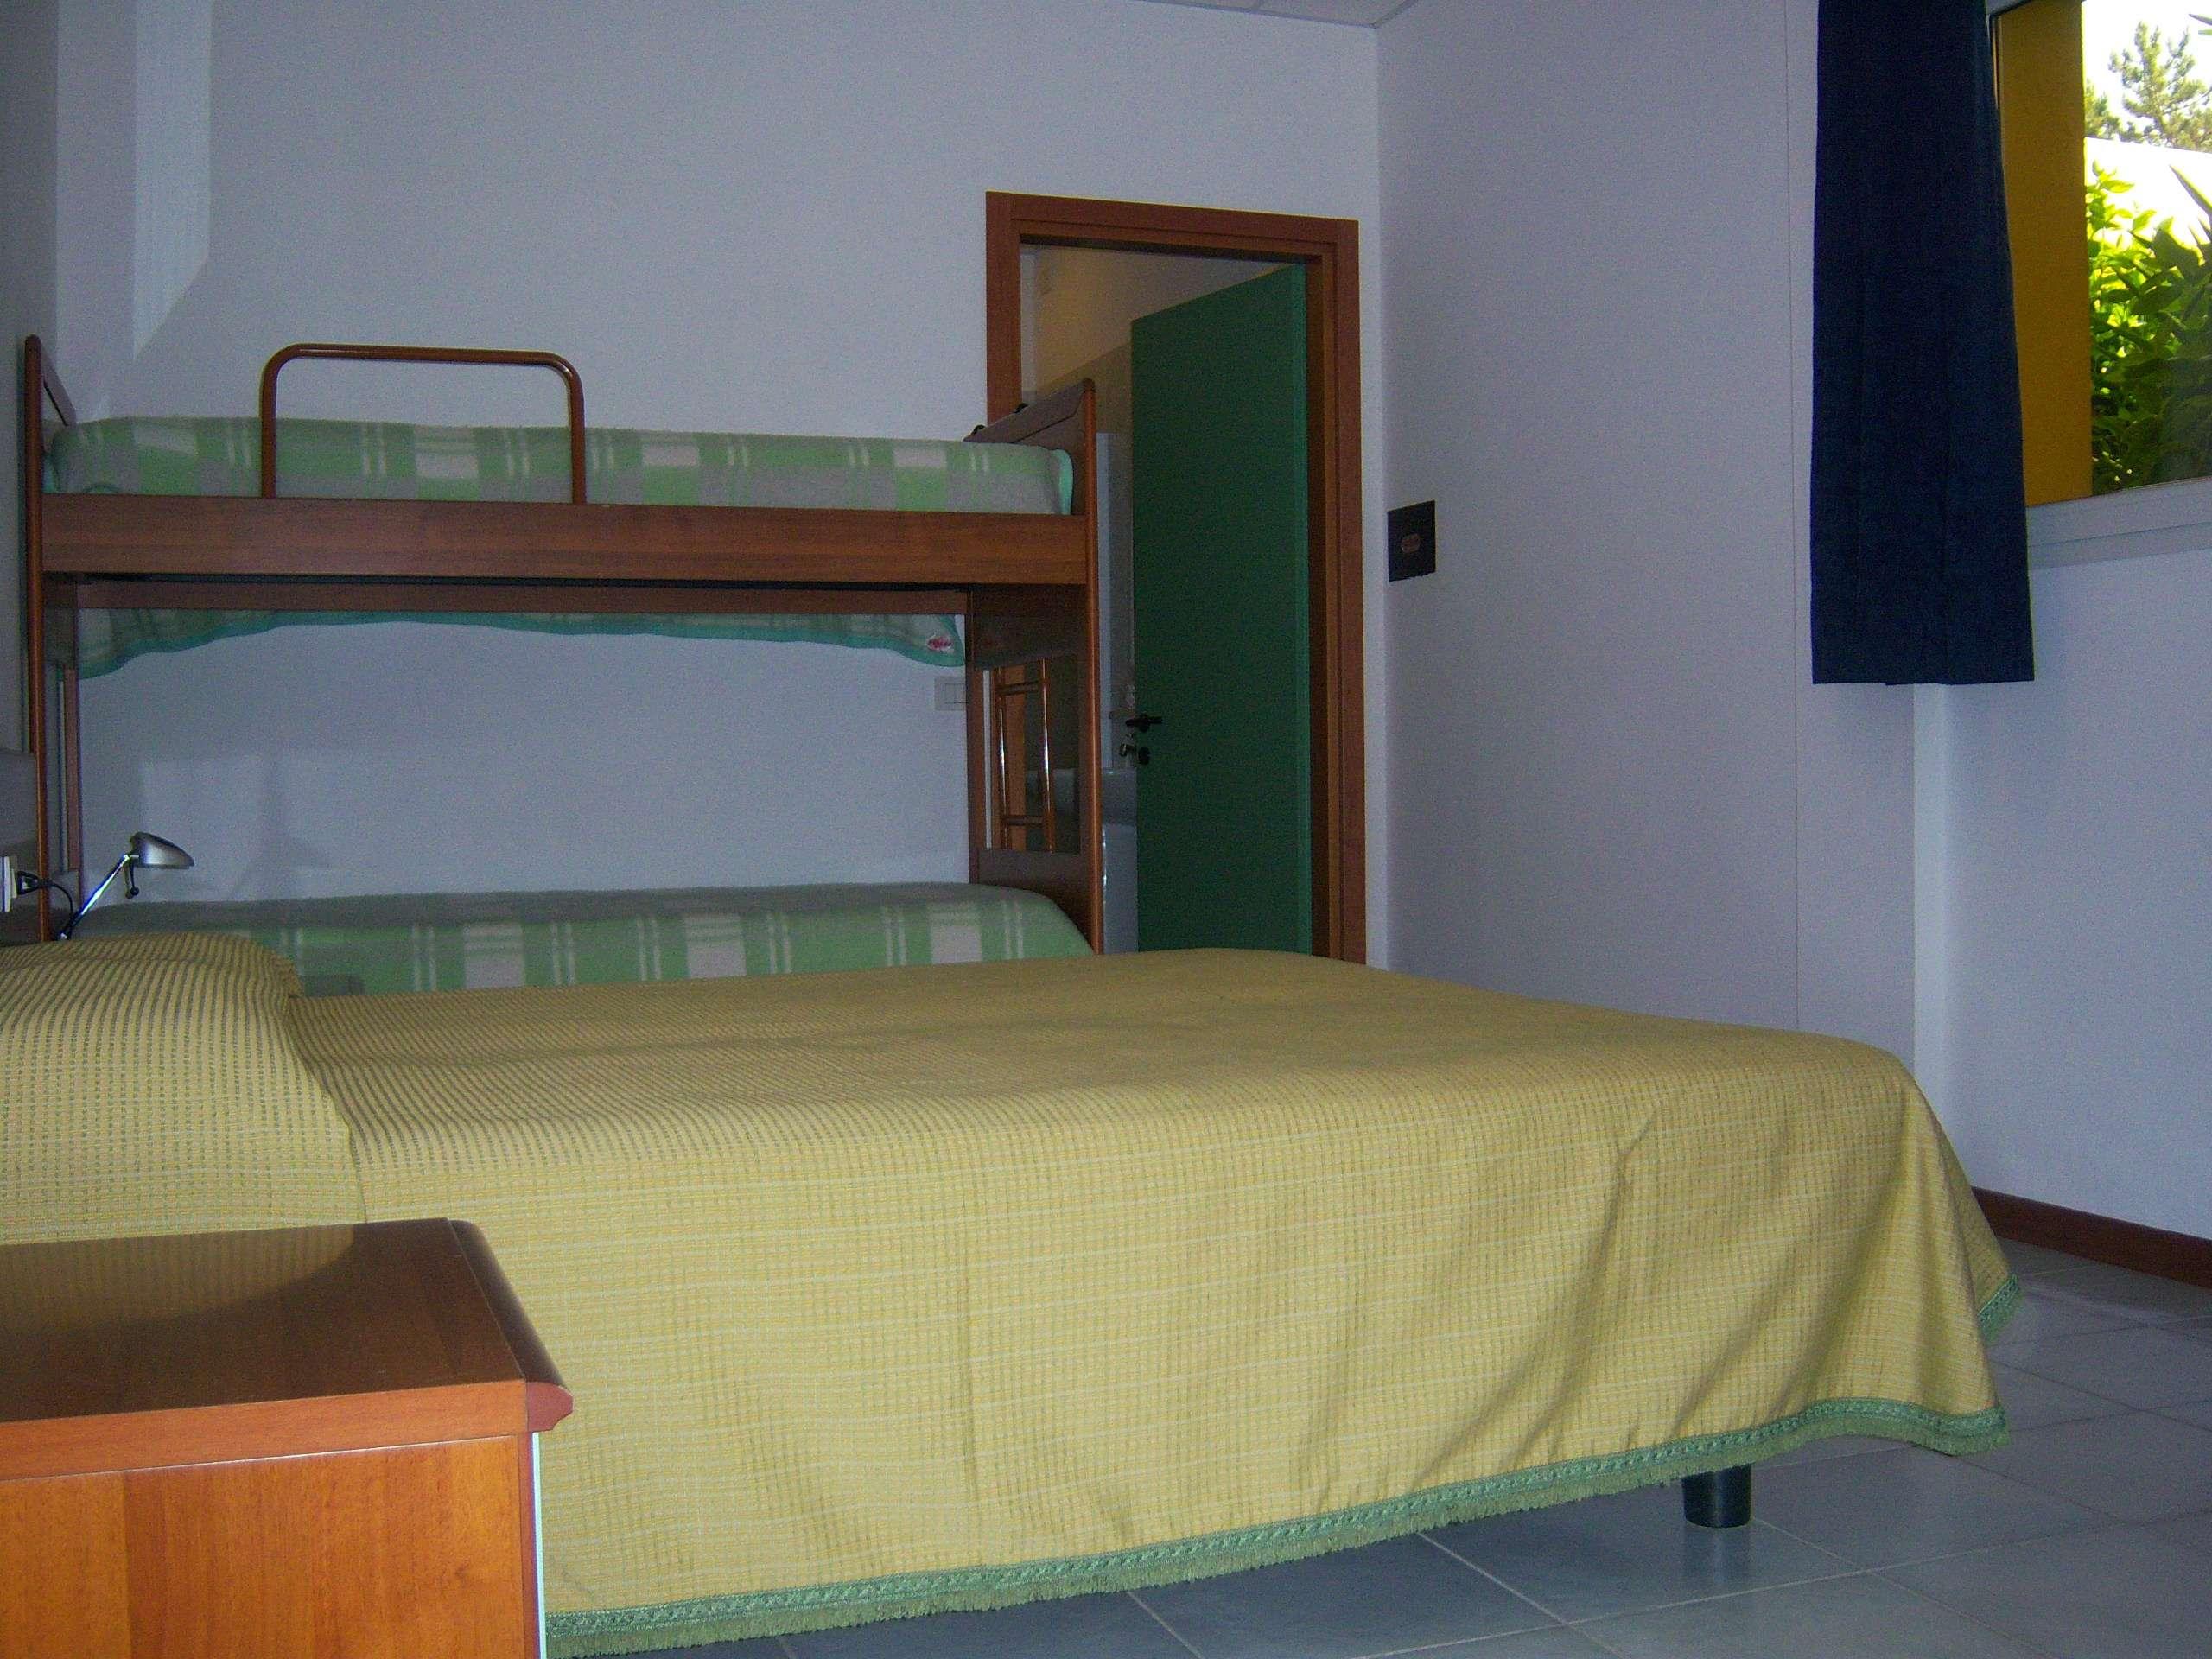 Hotel Alla Terrazza: Four beds room (Bibione, Italia) - Hotel and ...